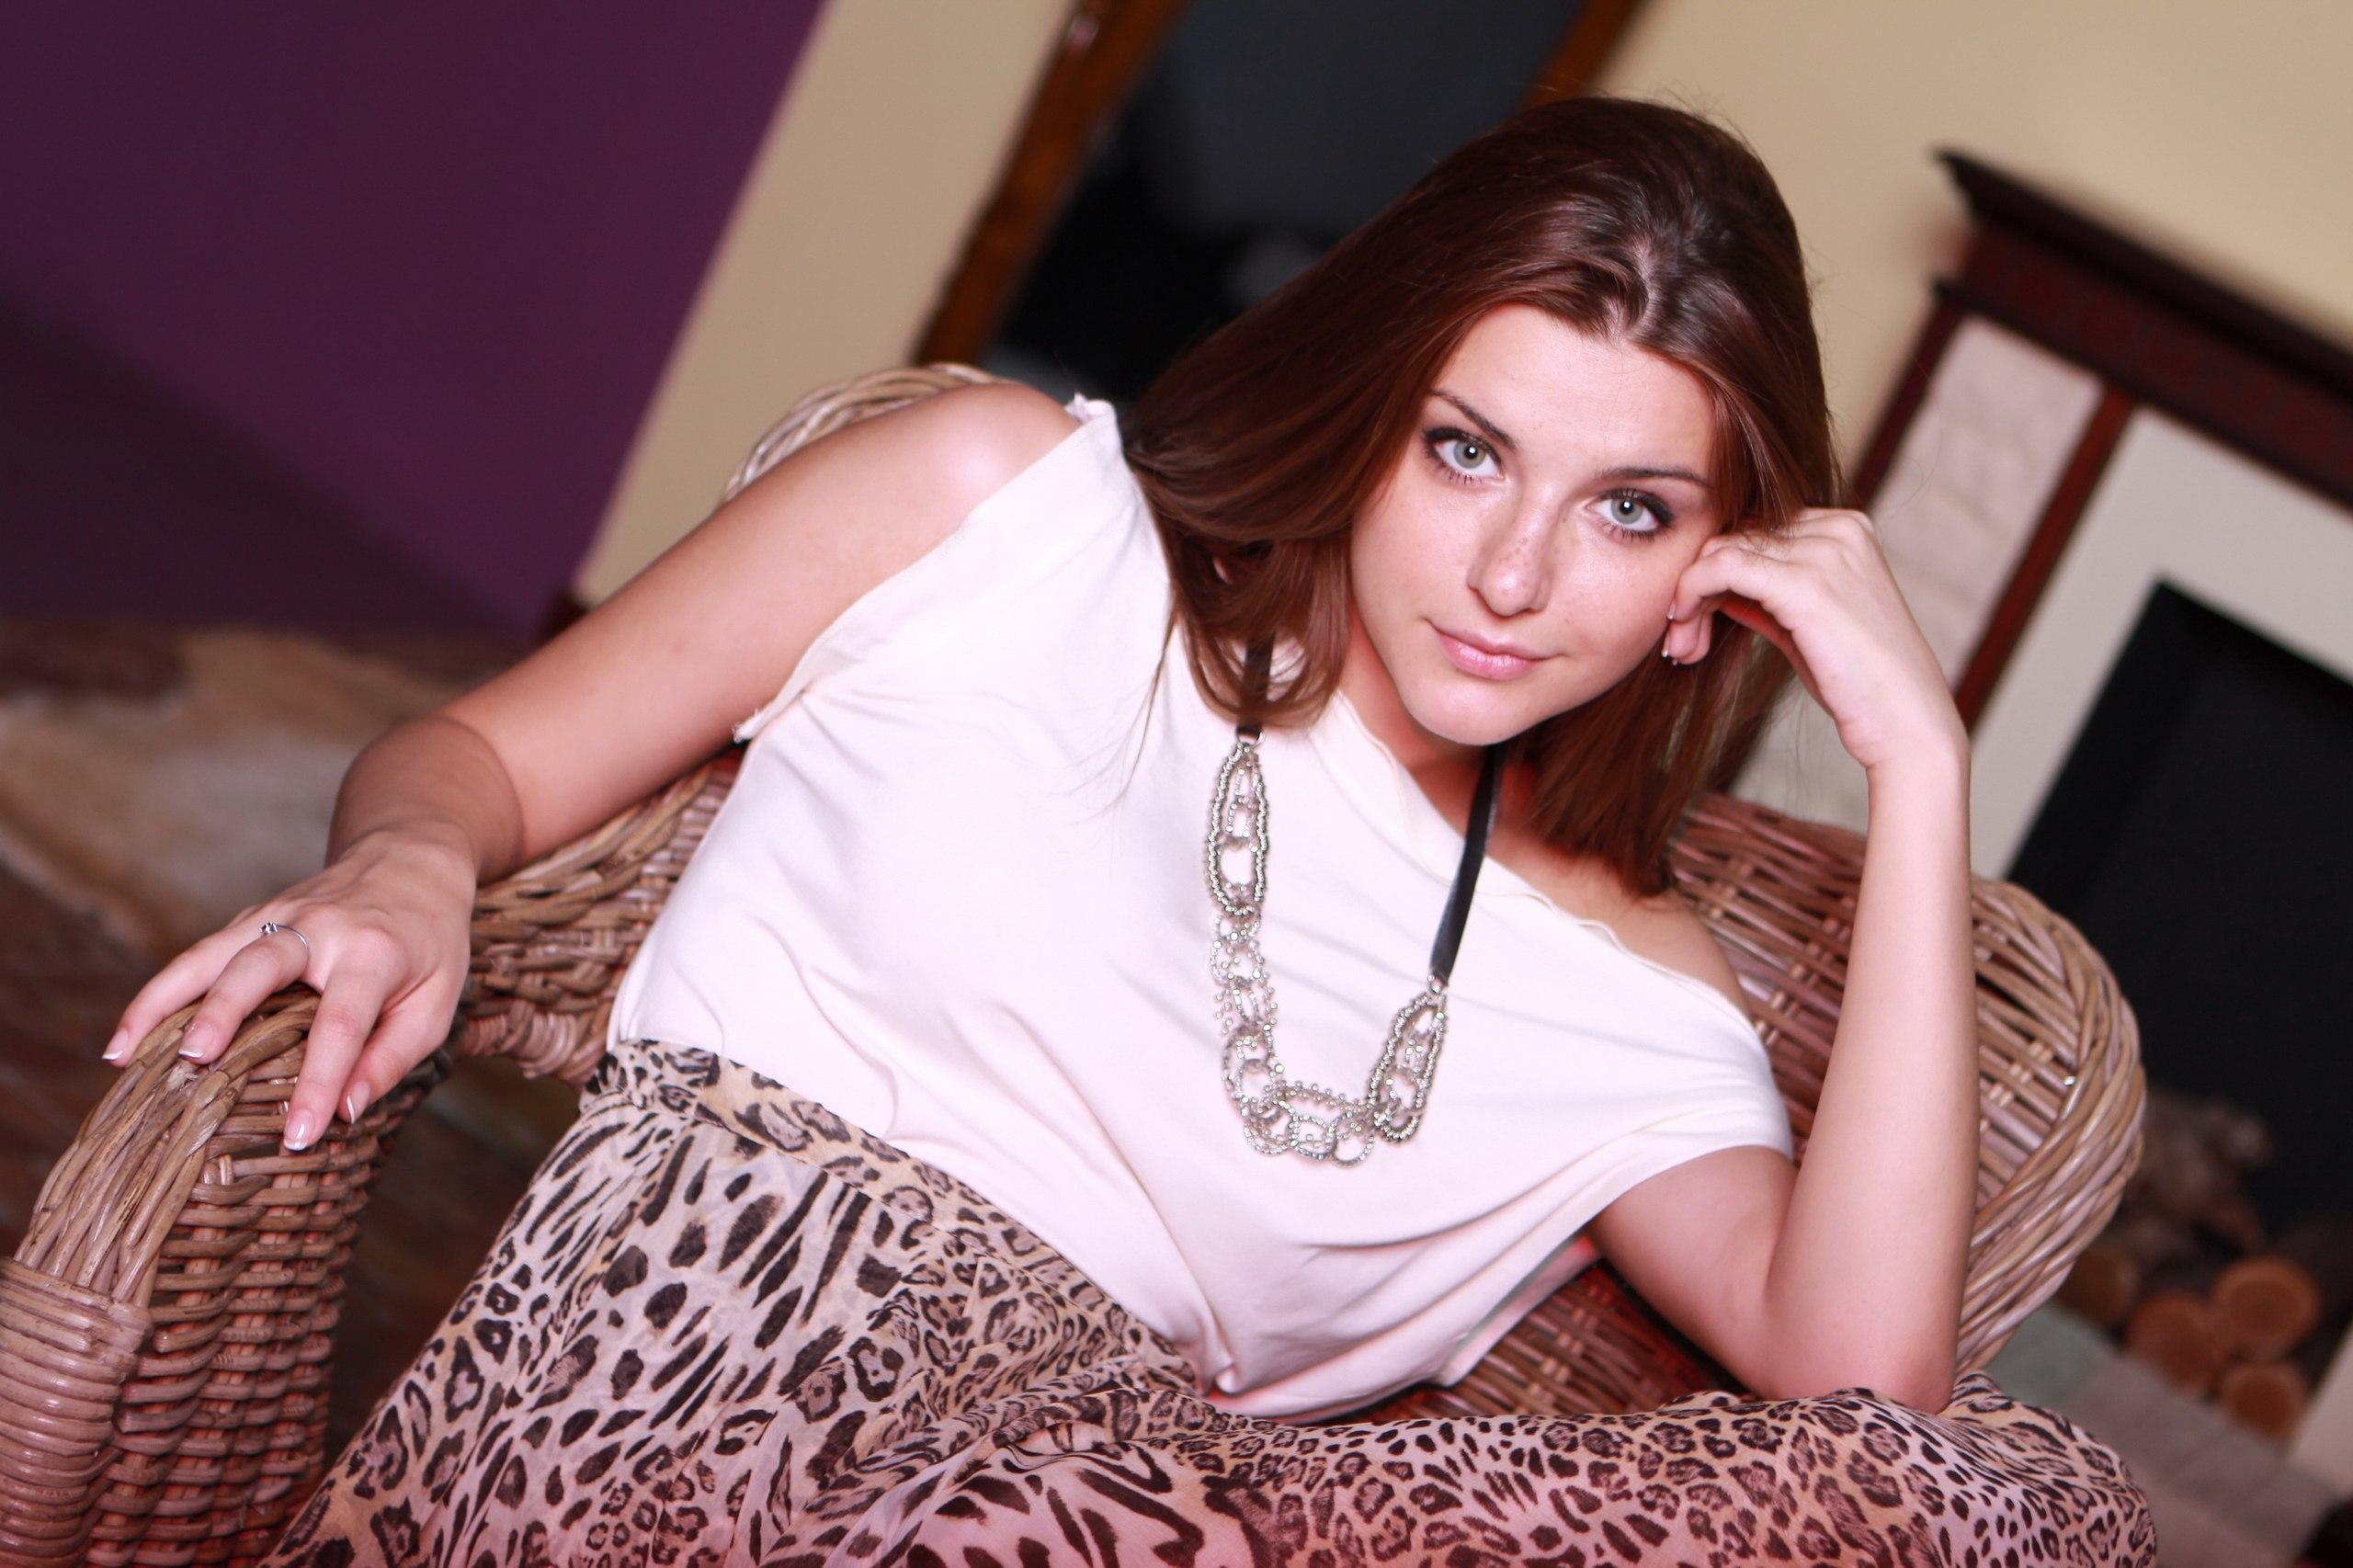 Самые красивые российские телеведущиеженщины 62 фото